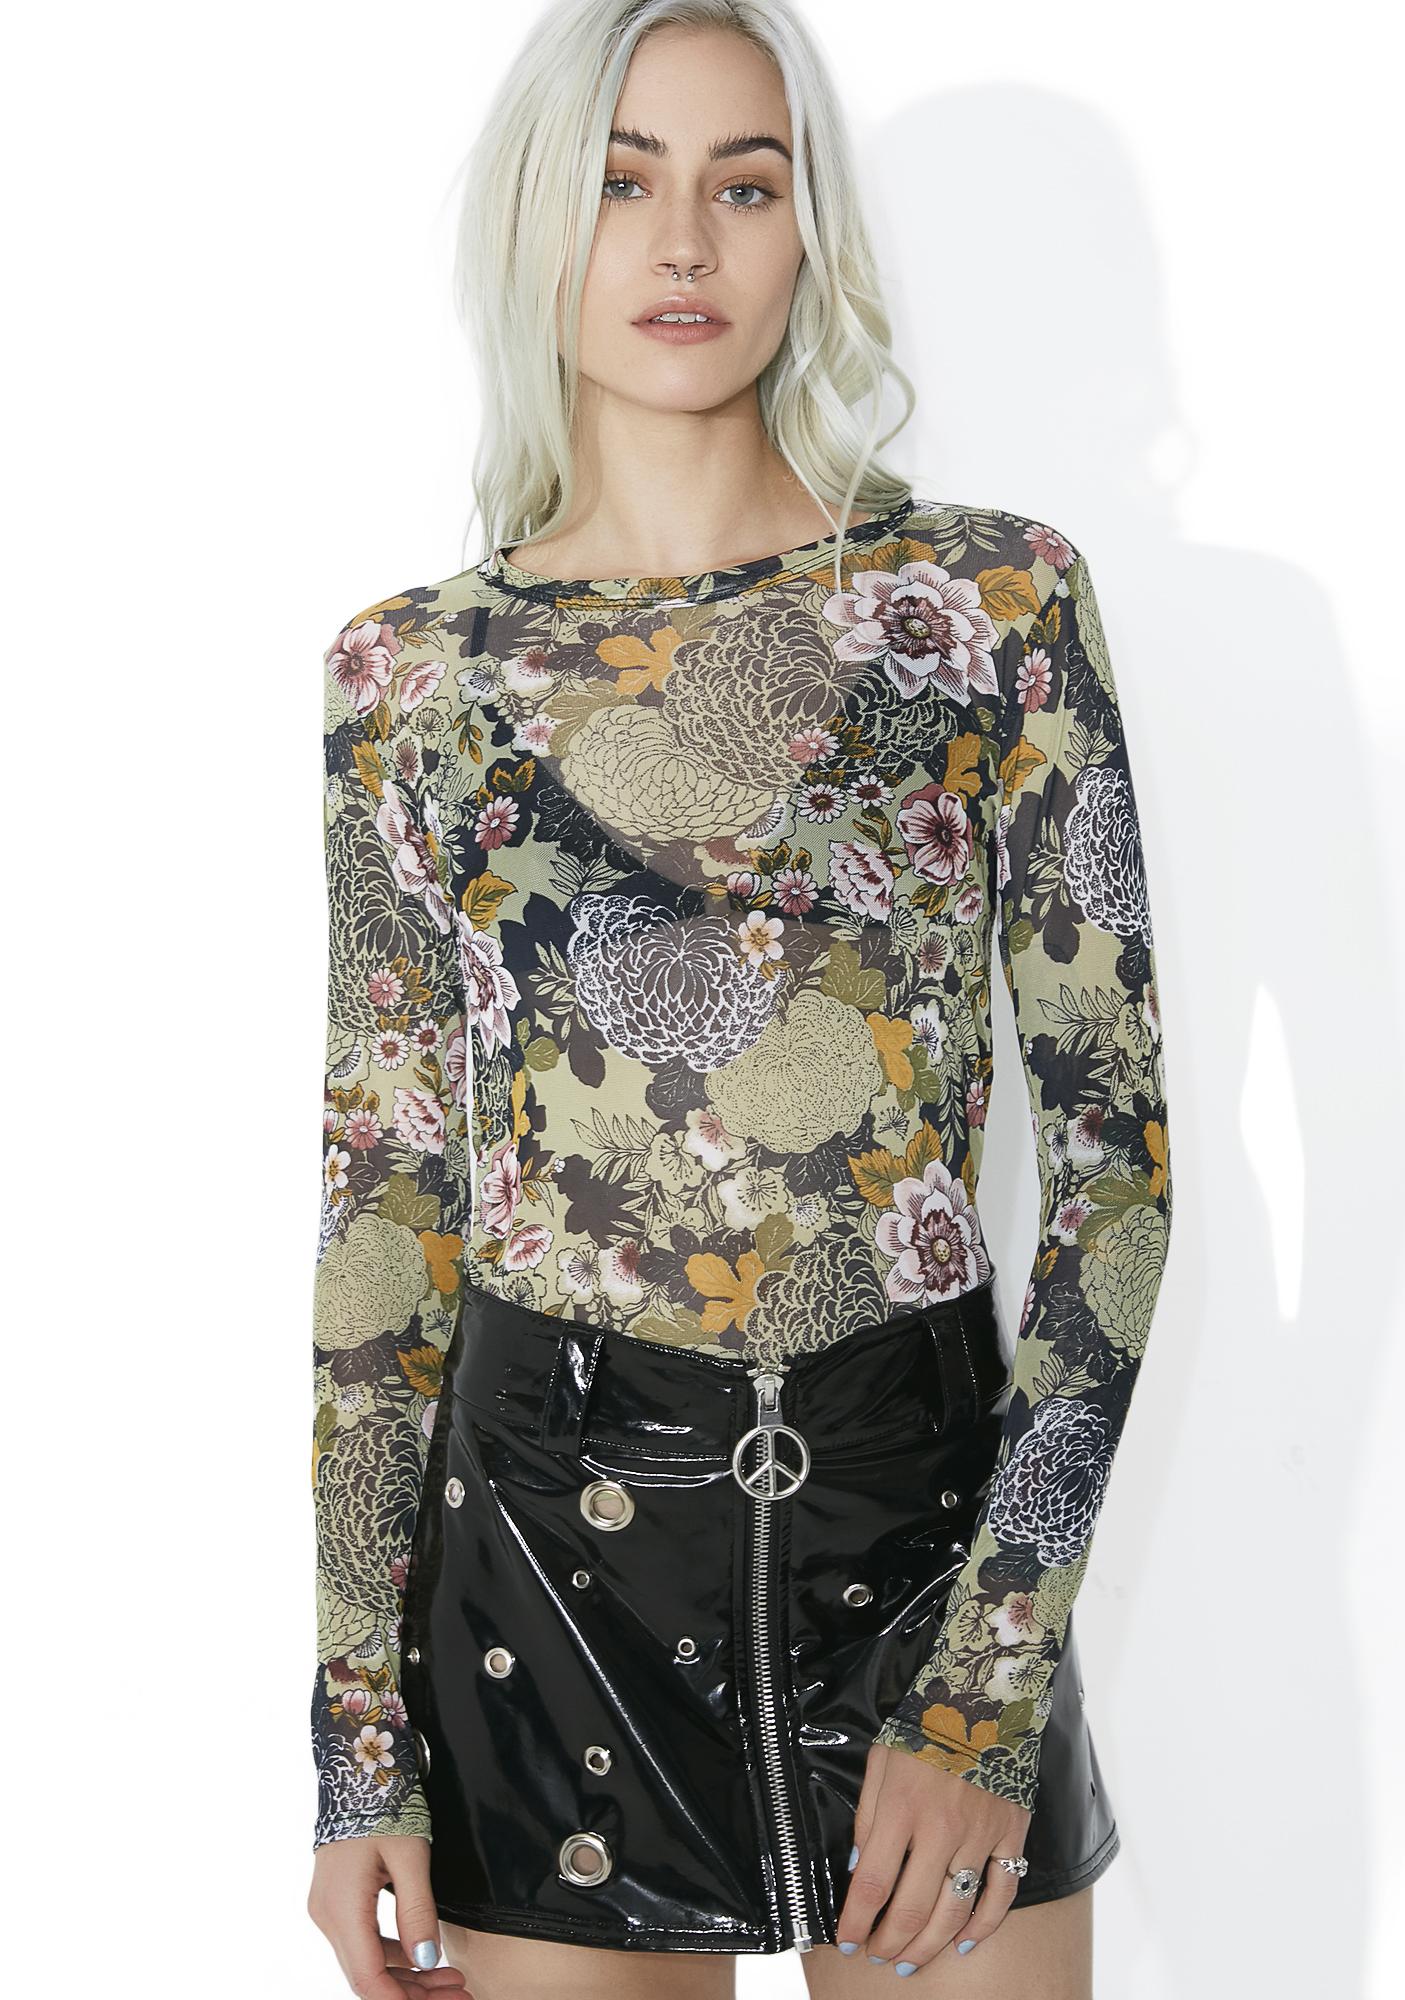 Sheer Mesh Floral Print Top